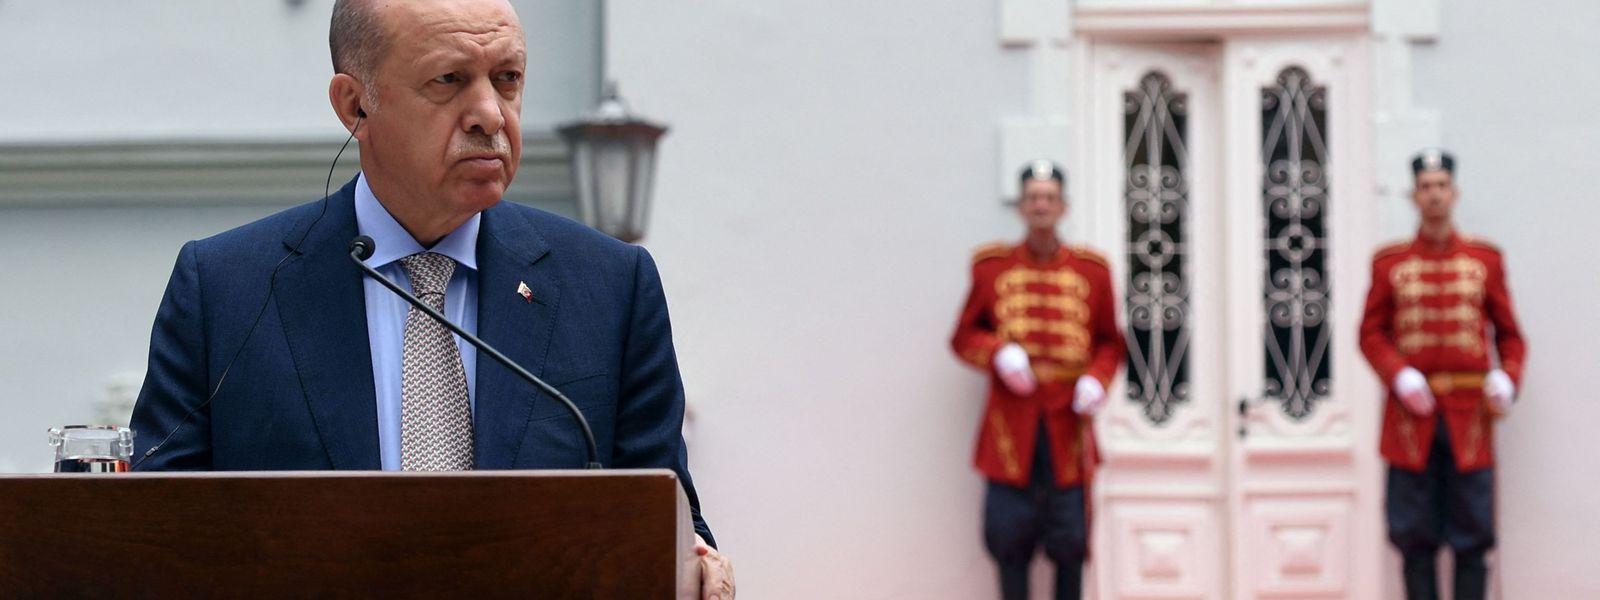 Der türkische Präsident Recep Tayyip Erdogan hat die Zustimmung der Mehrheit der Bevölkerung verloren.